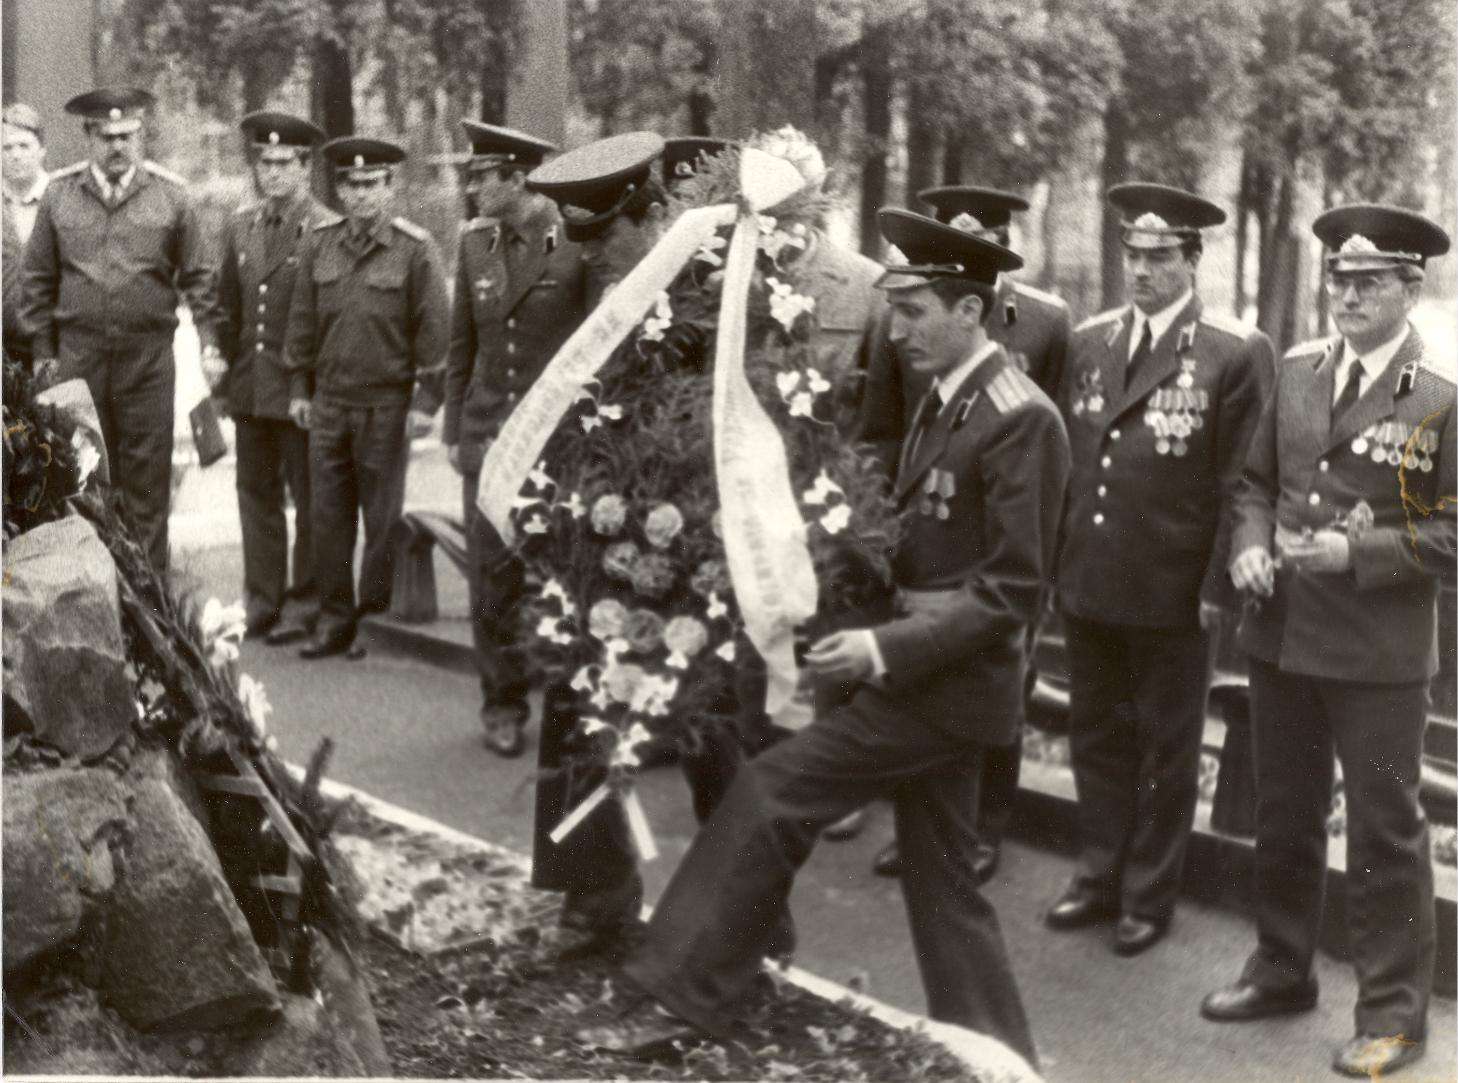 Ускладанне вянкоў сябрамі БЗВ на Вайсковых могілках. 1992 год.